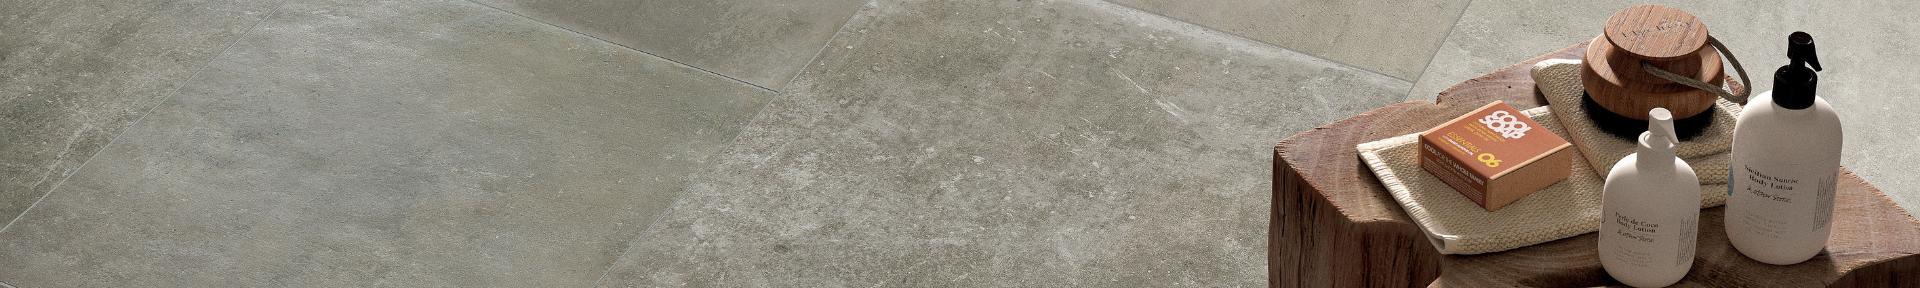 Carrelage sol intérieur extérieur pas cher - Kap Carrelage